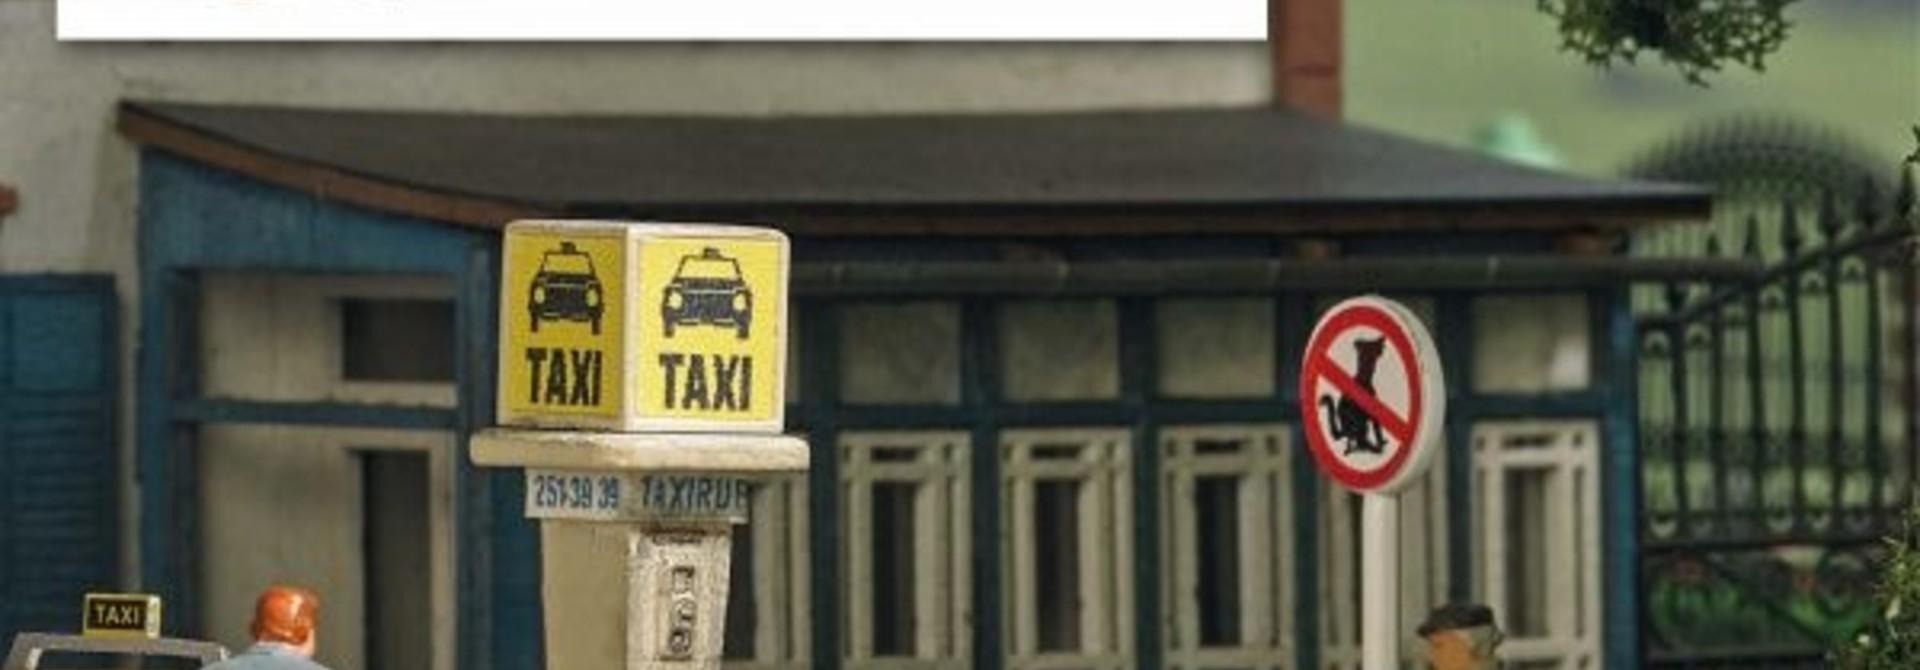 Taxisäule BRD 7763